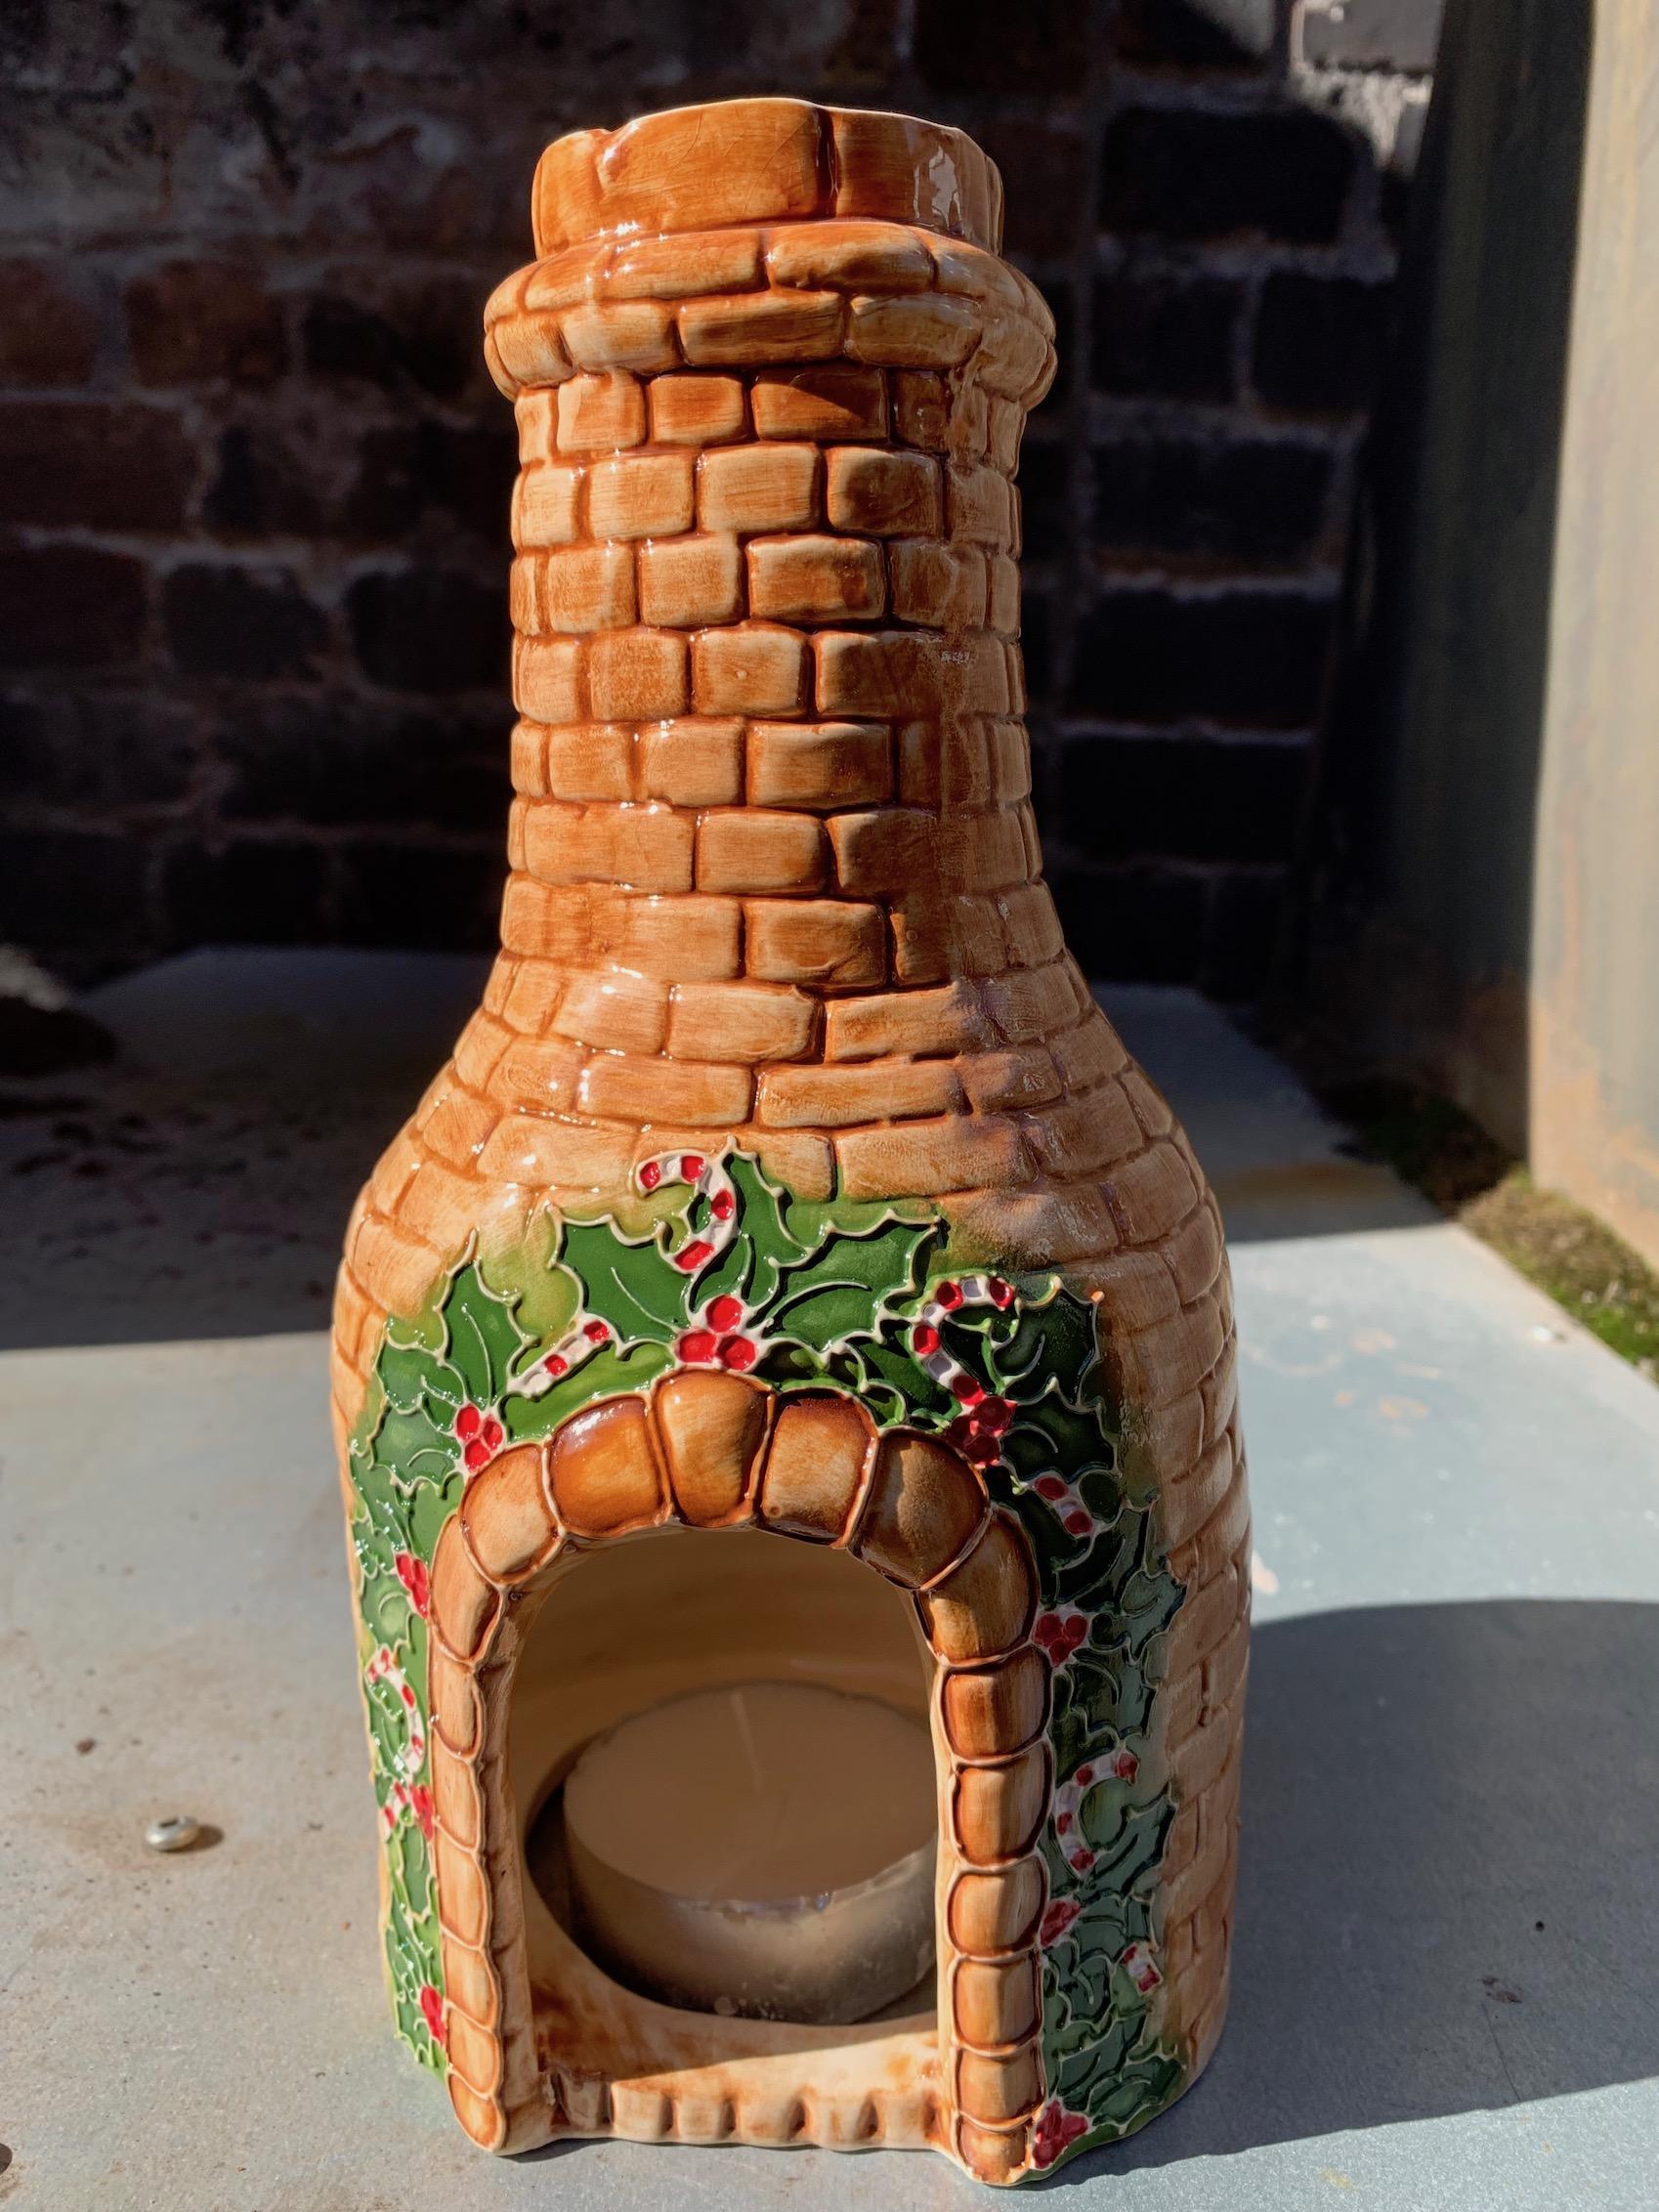 Large  Christmas T Light Bottle Kiln